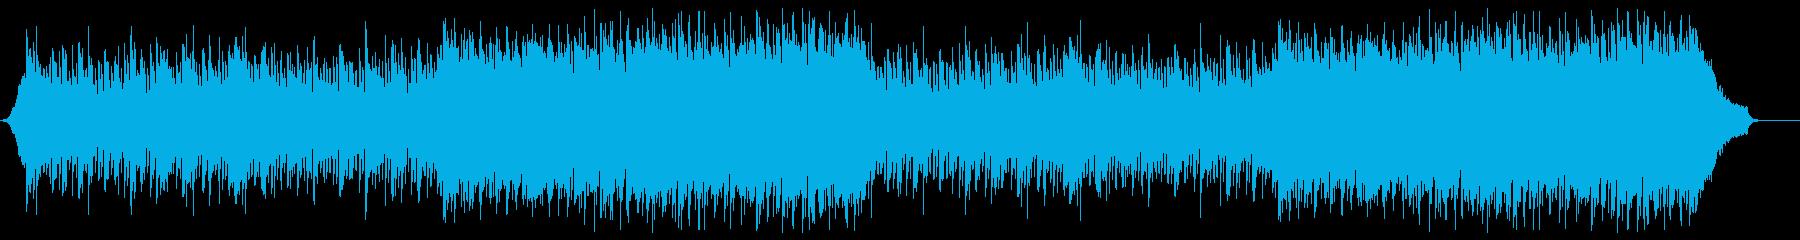 企業VP映像、108オーケストラ、爽快aの再生済みの波形